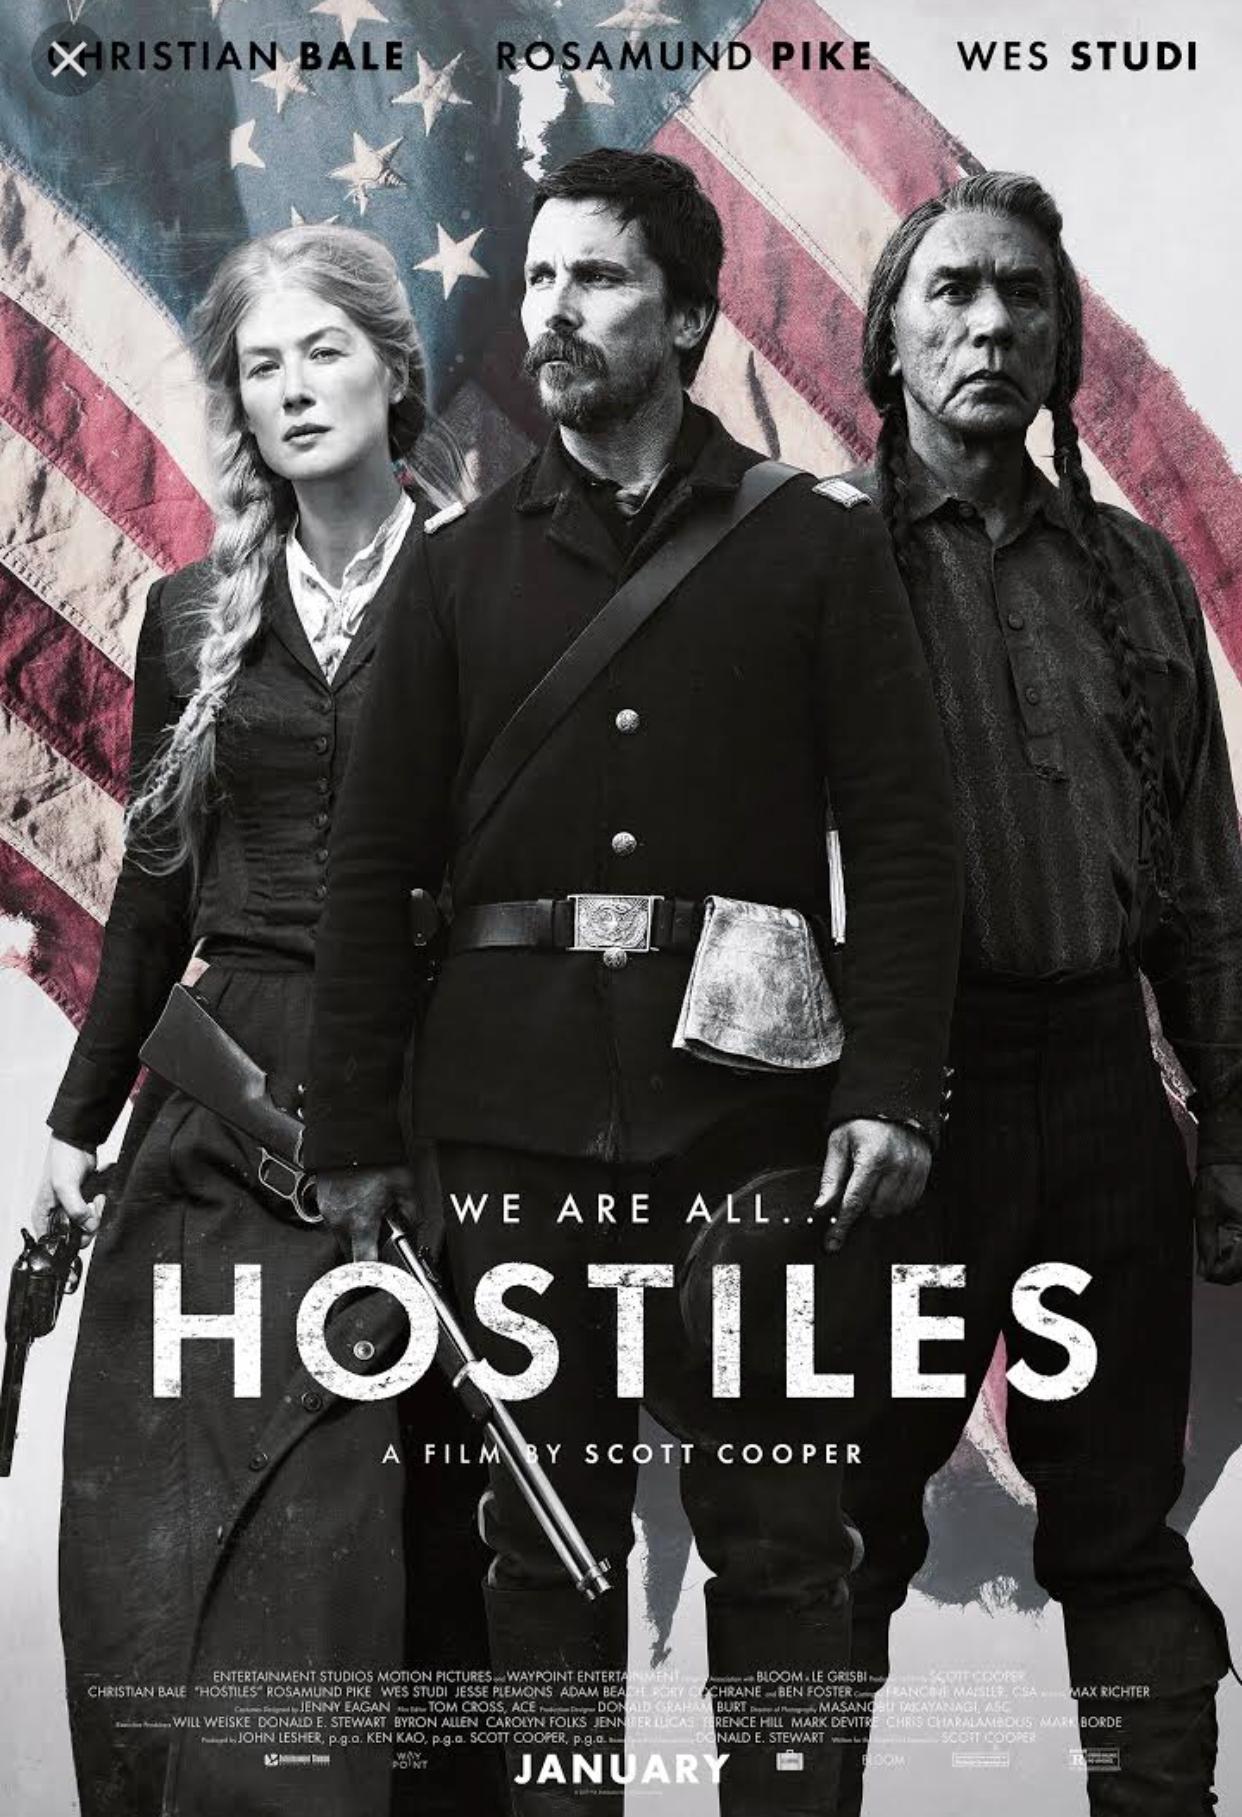 Review: Scott Cooper's Hostiles